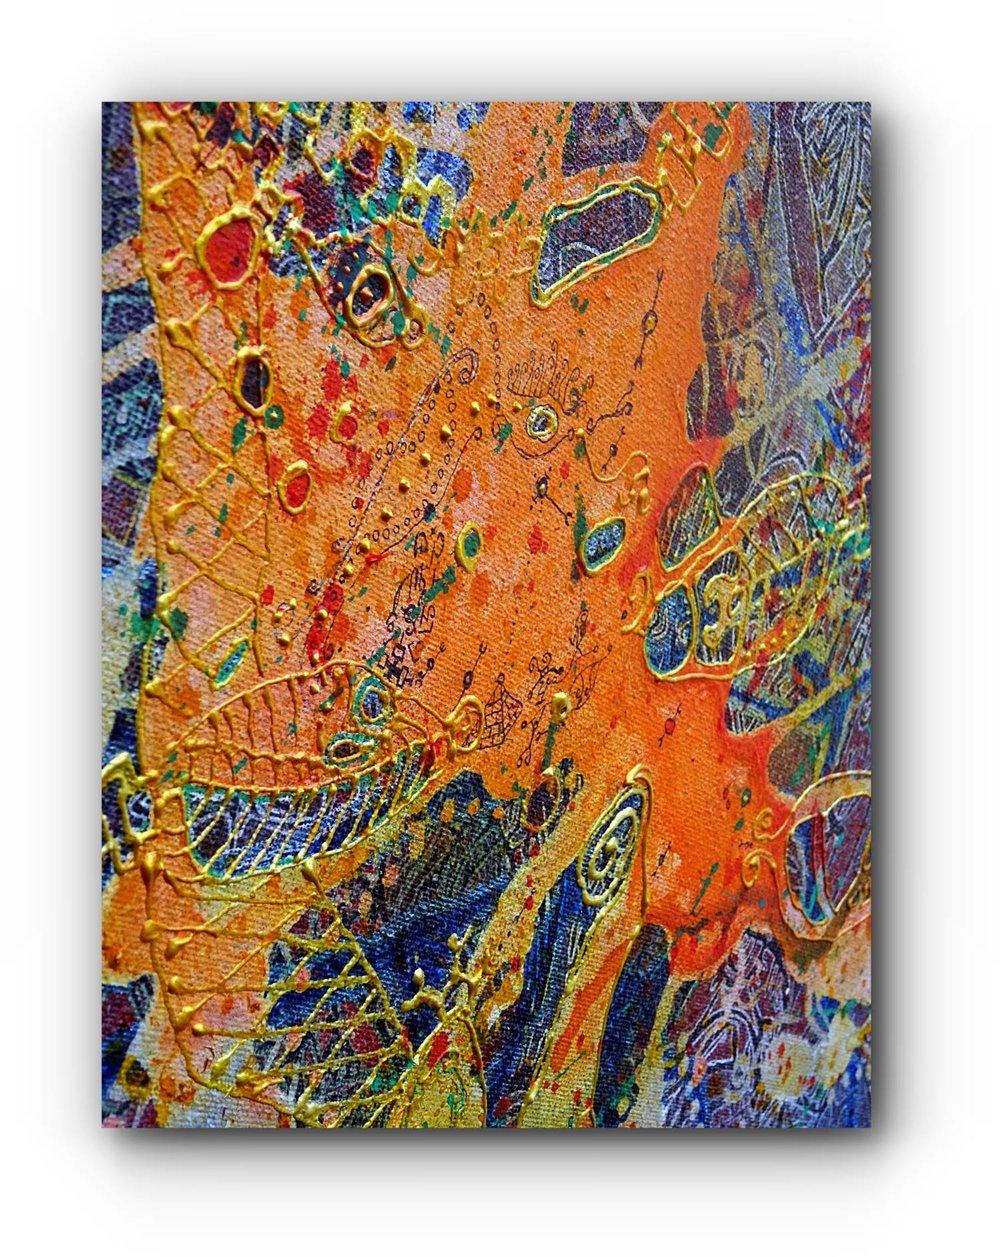 painting-detail-2-metaphysics-venus-ingress-vortices.jpg